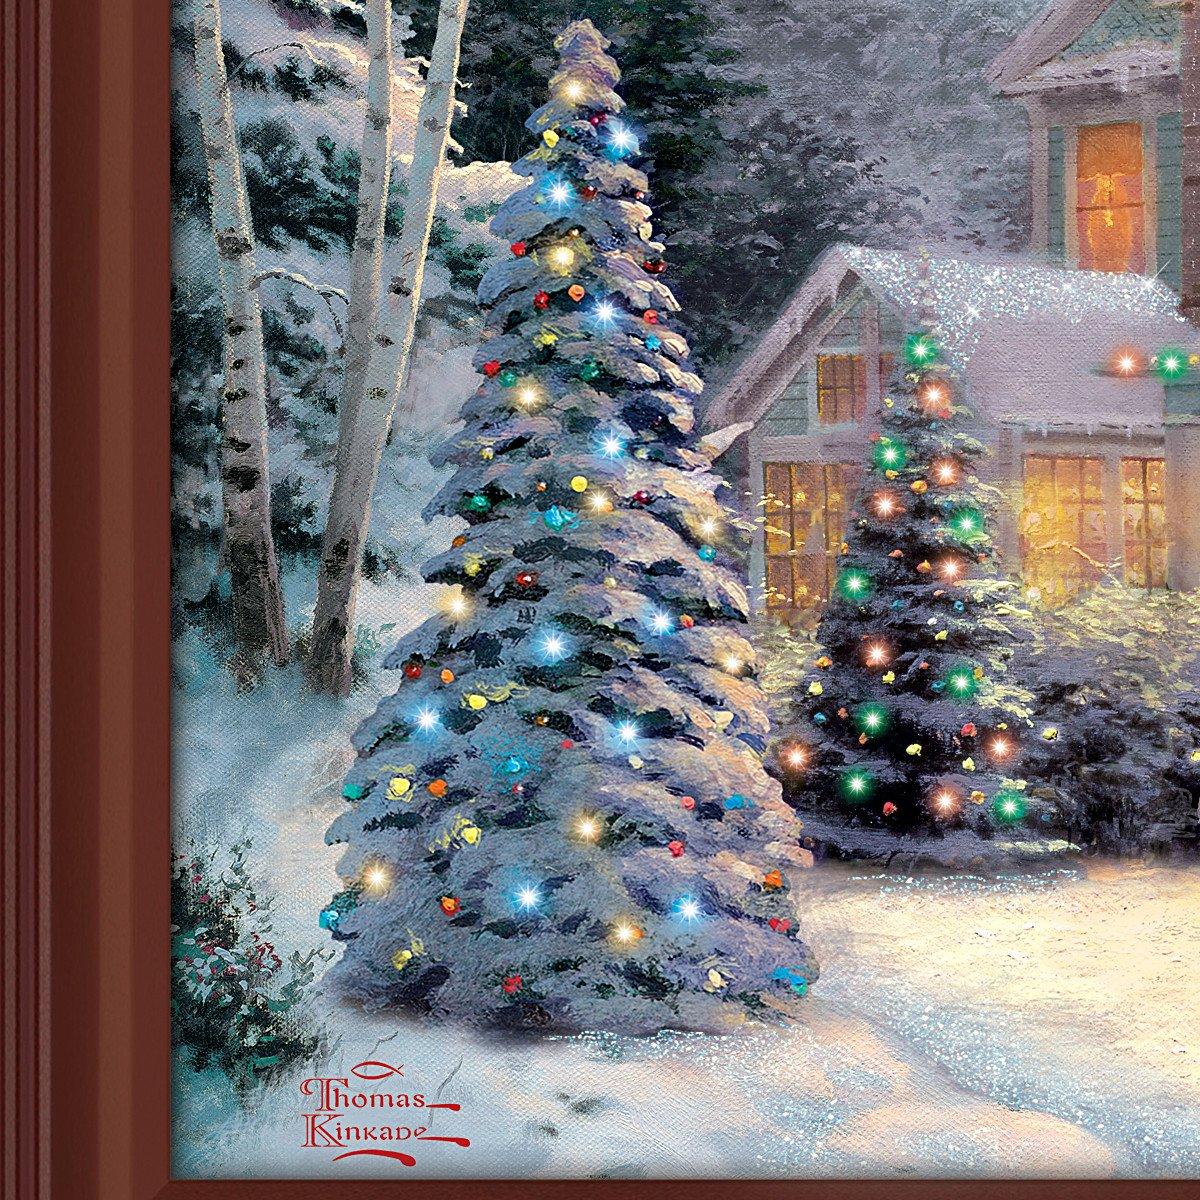 Amazon.com: Thomas Kinkade Victorian Family Christmas Illuminated ...